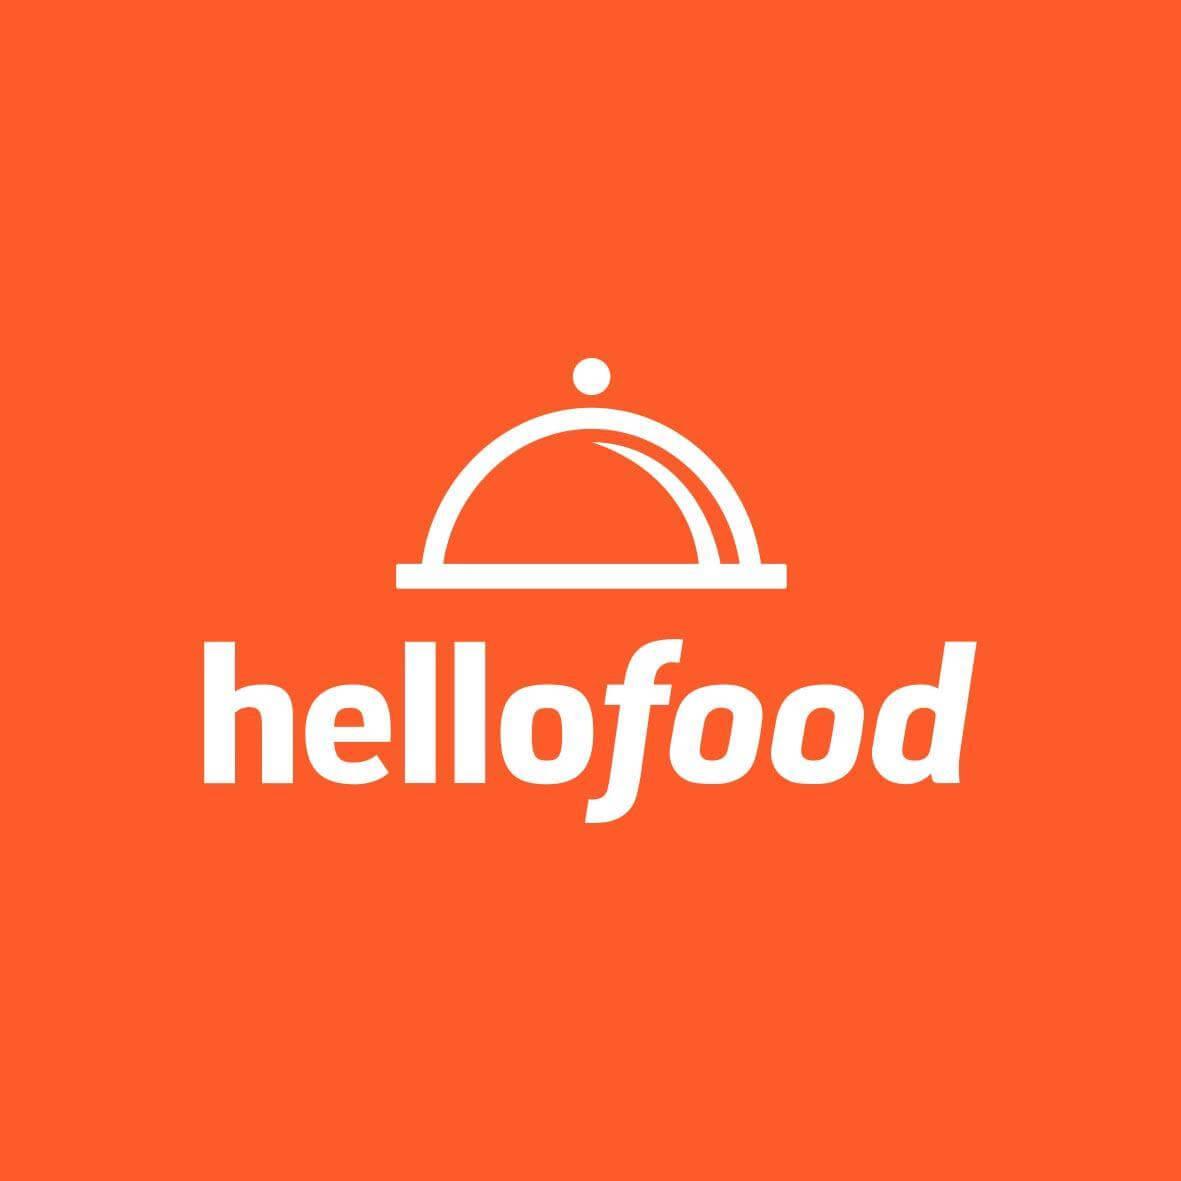 Hellofood.com Clone Script